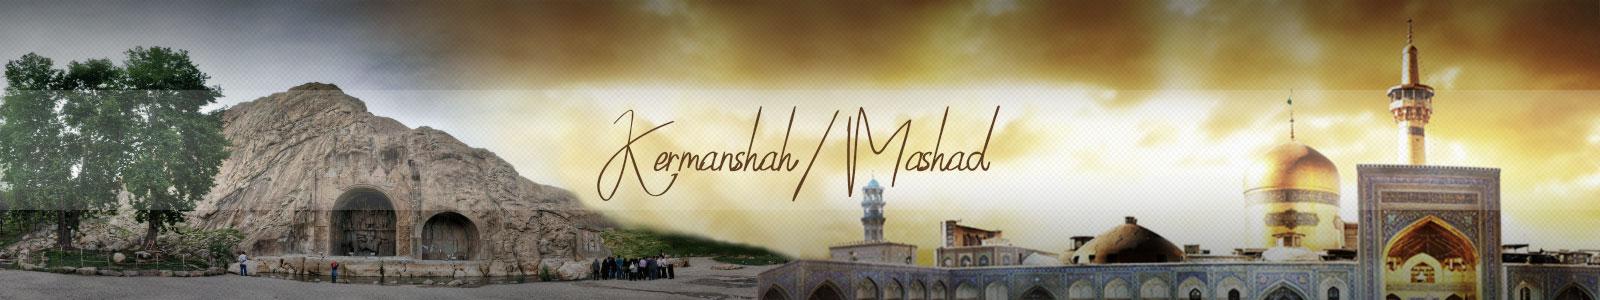 عکس کرمانشاه به مشهد